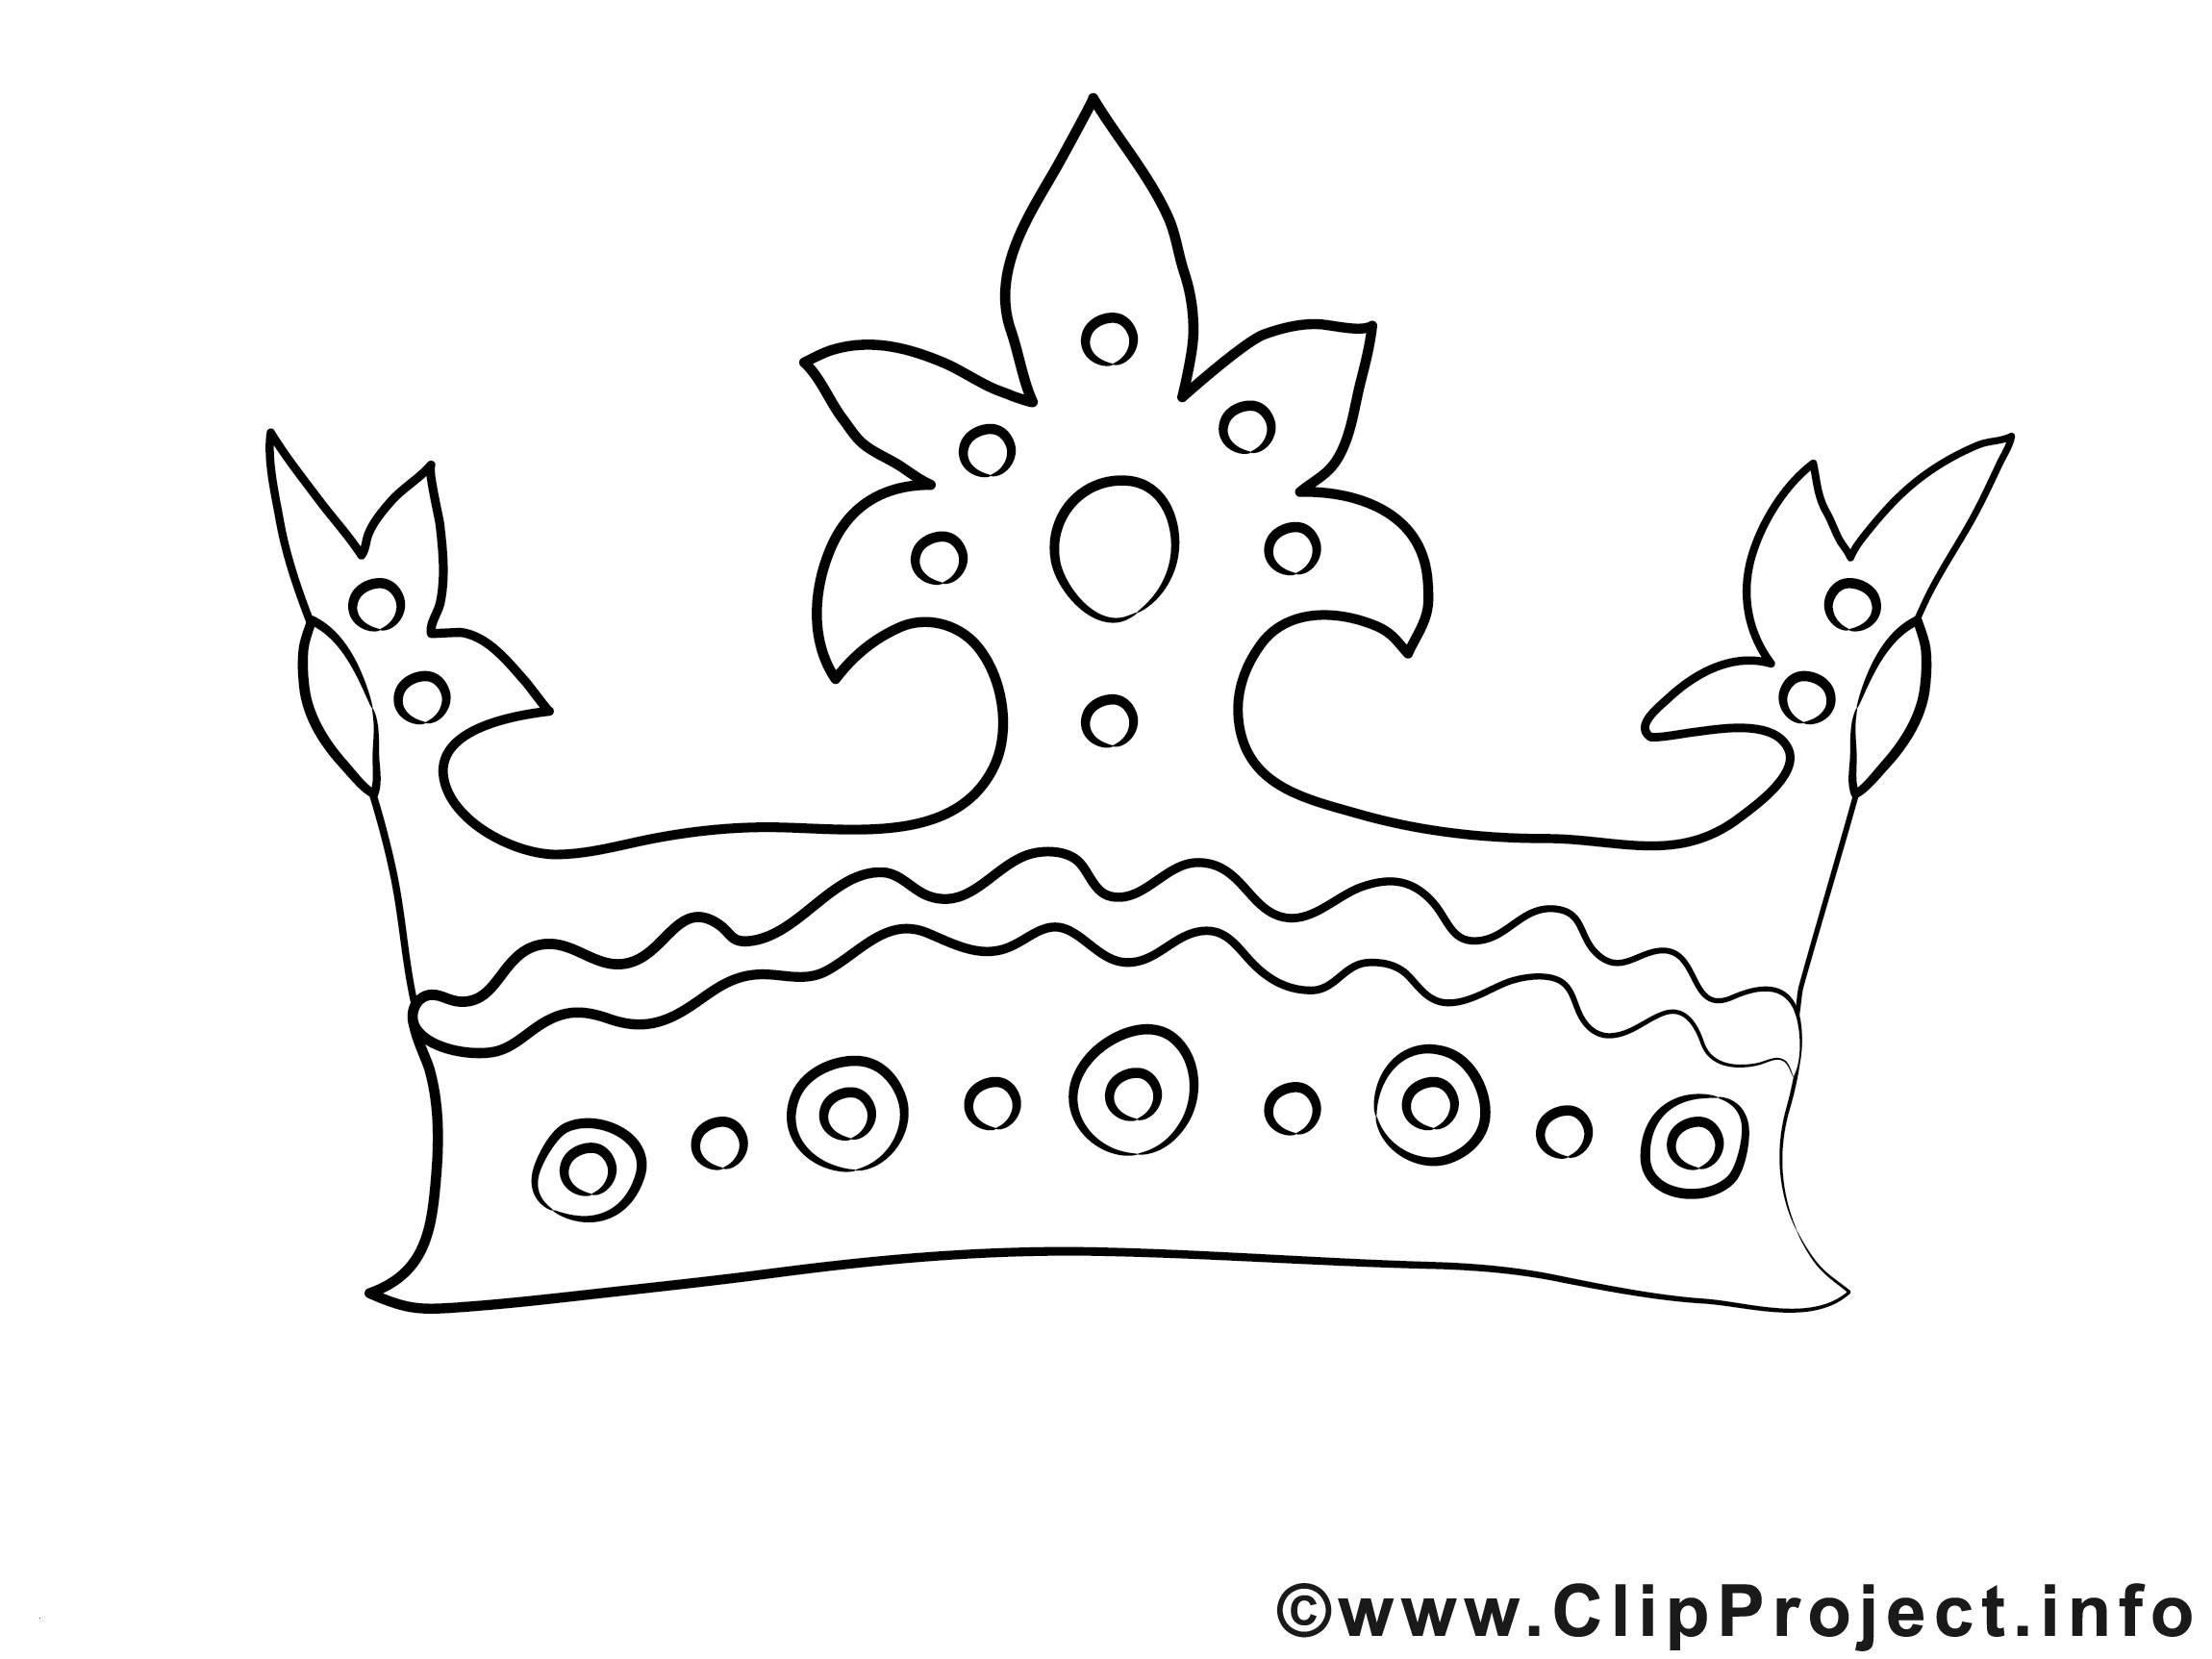 Krone Prinzessin Clipart Einzigartig Prinzessin Krone Vorlage Malvorlagen Igel Frisch Igel Grundschule 0d Stock